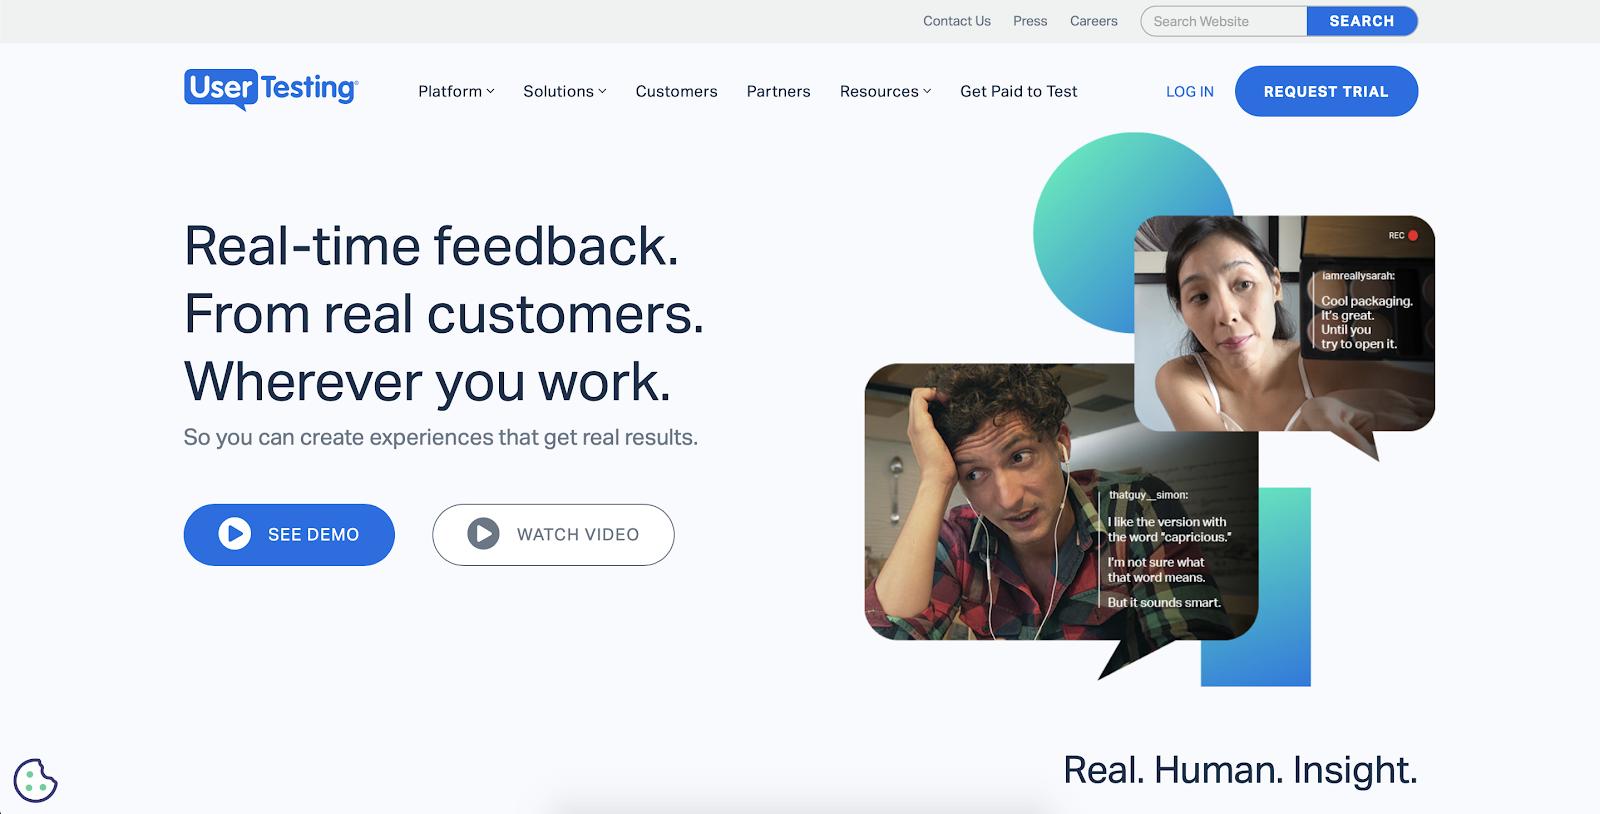 Website visitor tracking software: UserTesting